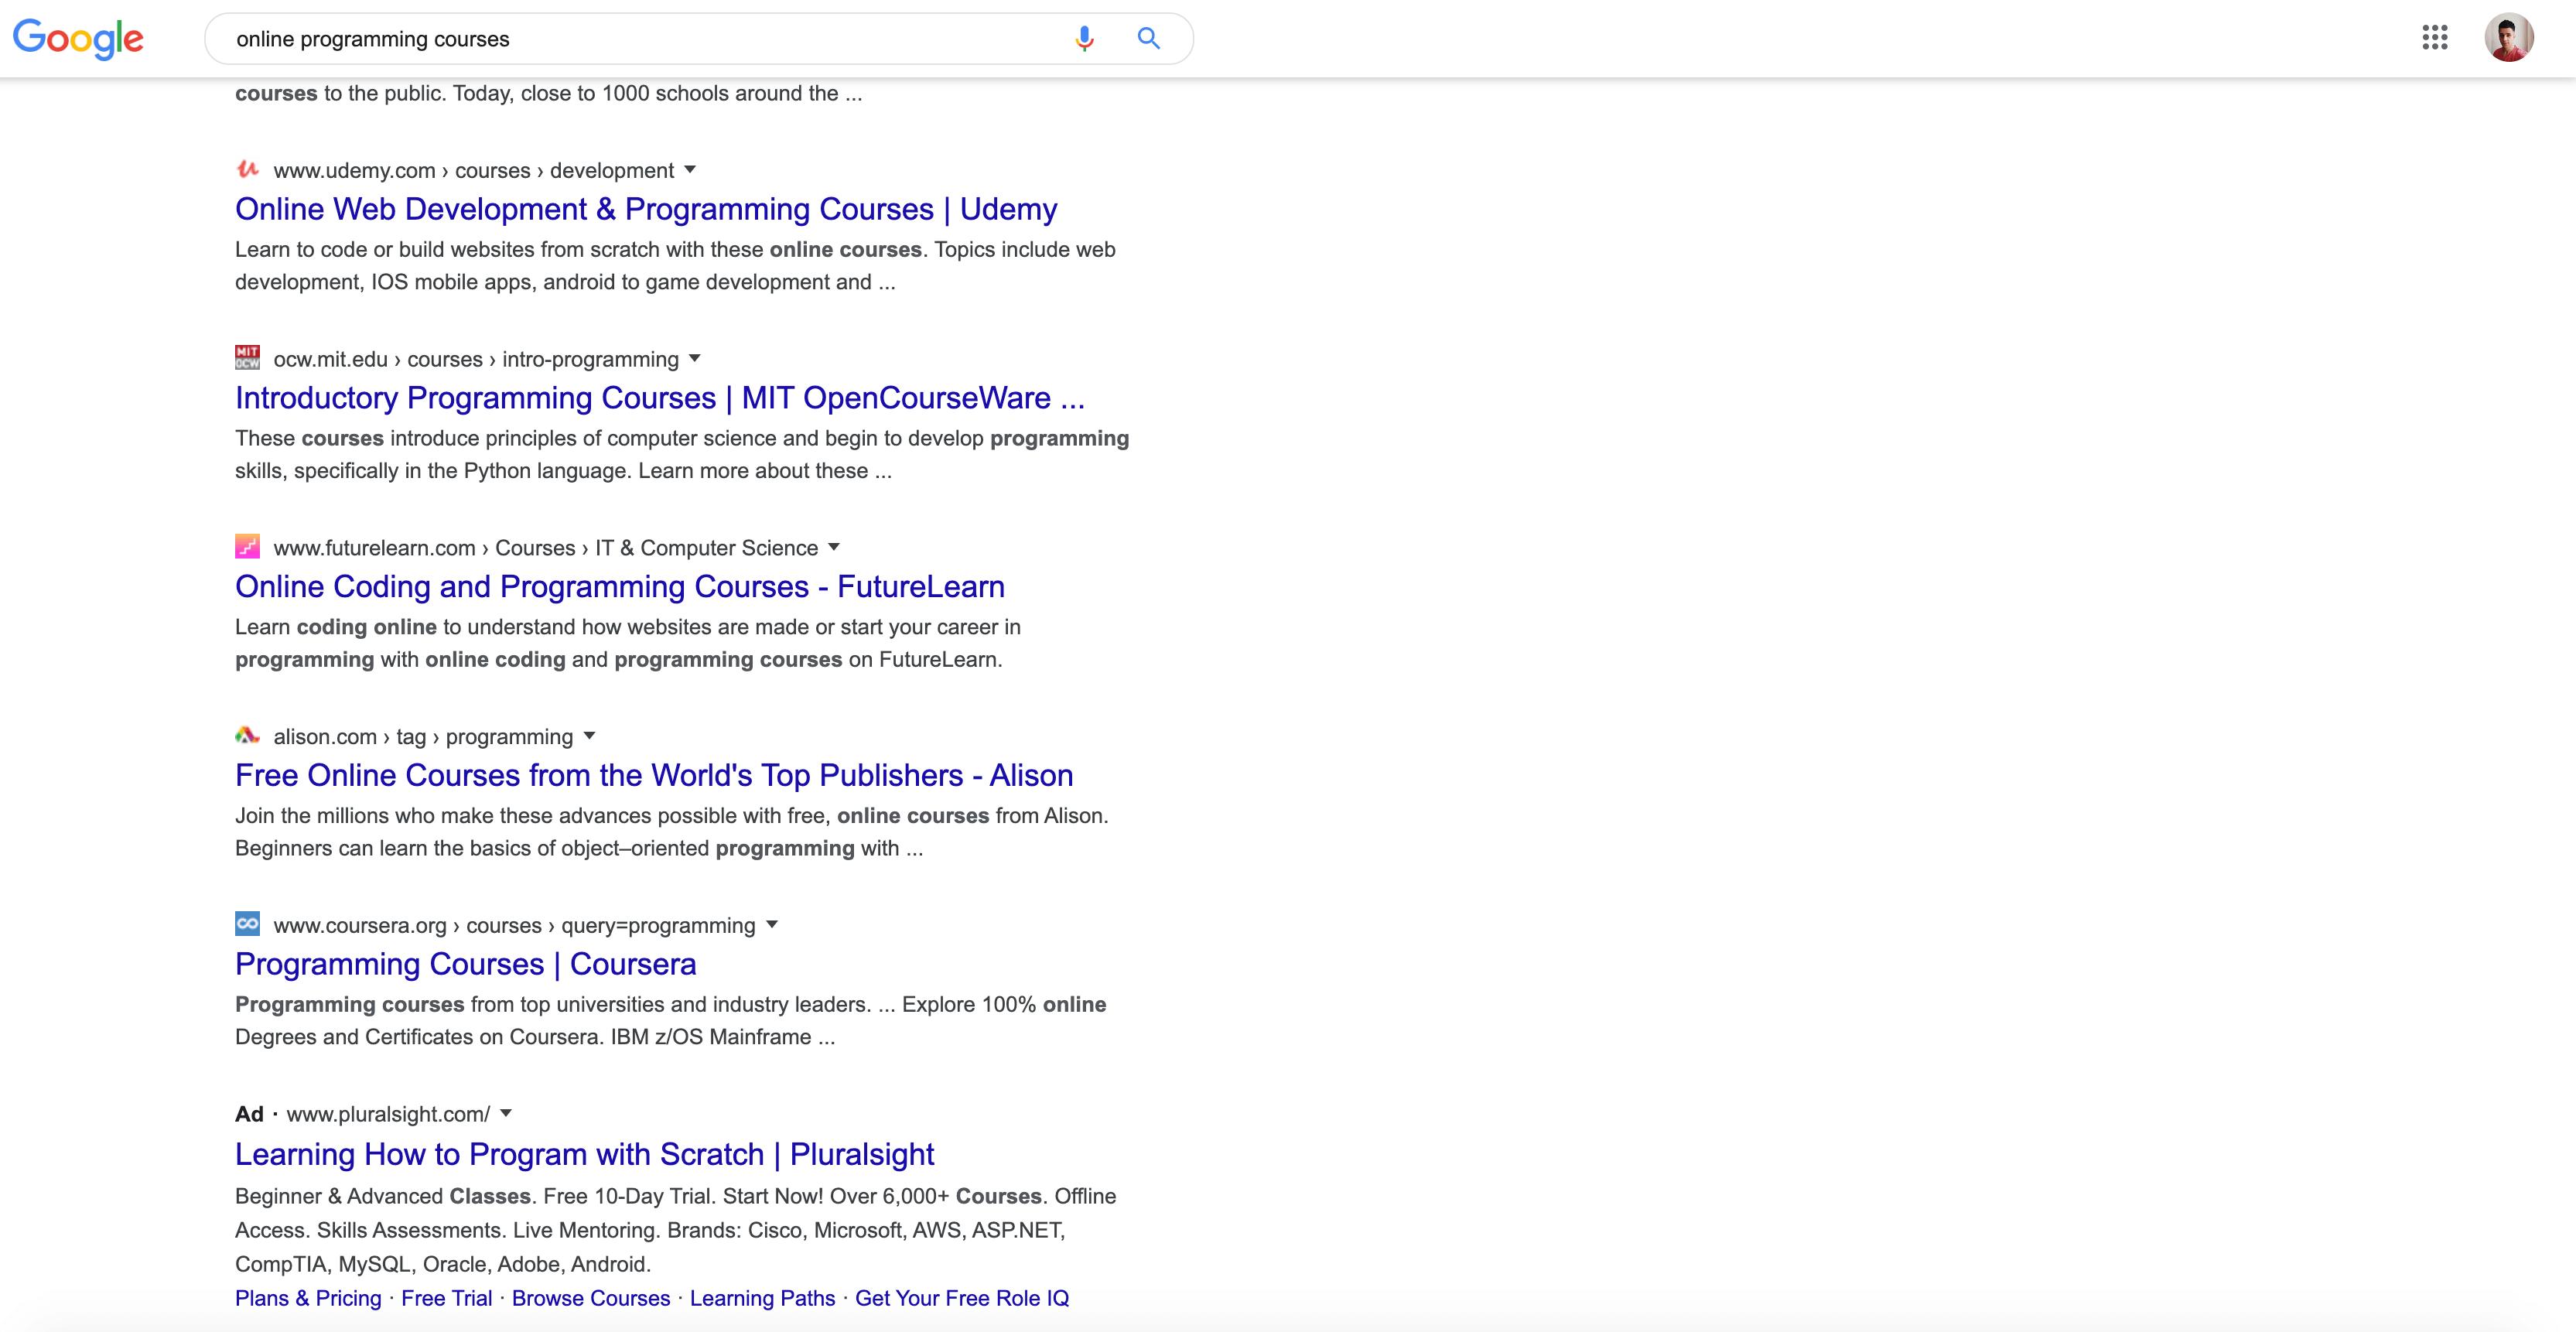 Irytujące: reklamy w Google coraz trudniejsze do odróżnienia od wyników wyszukiwania